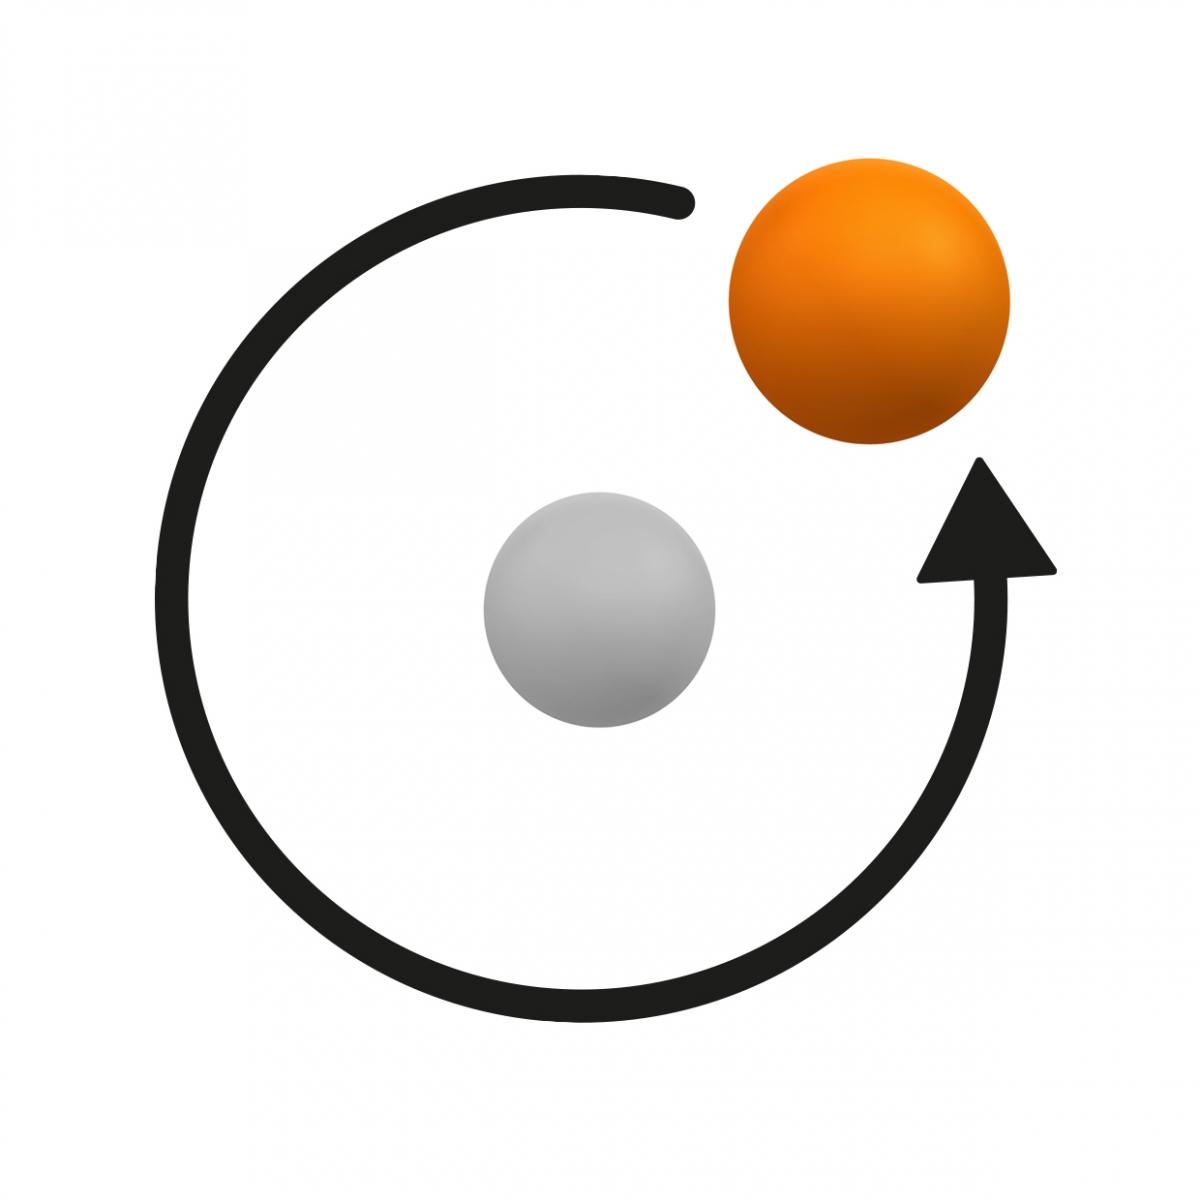 Imagen del concepto Alrededor